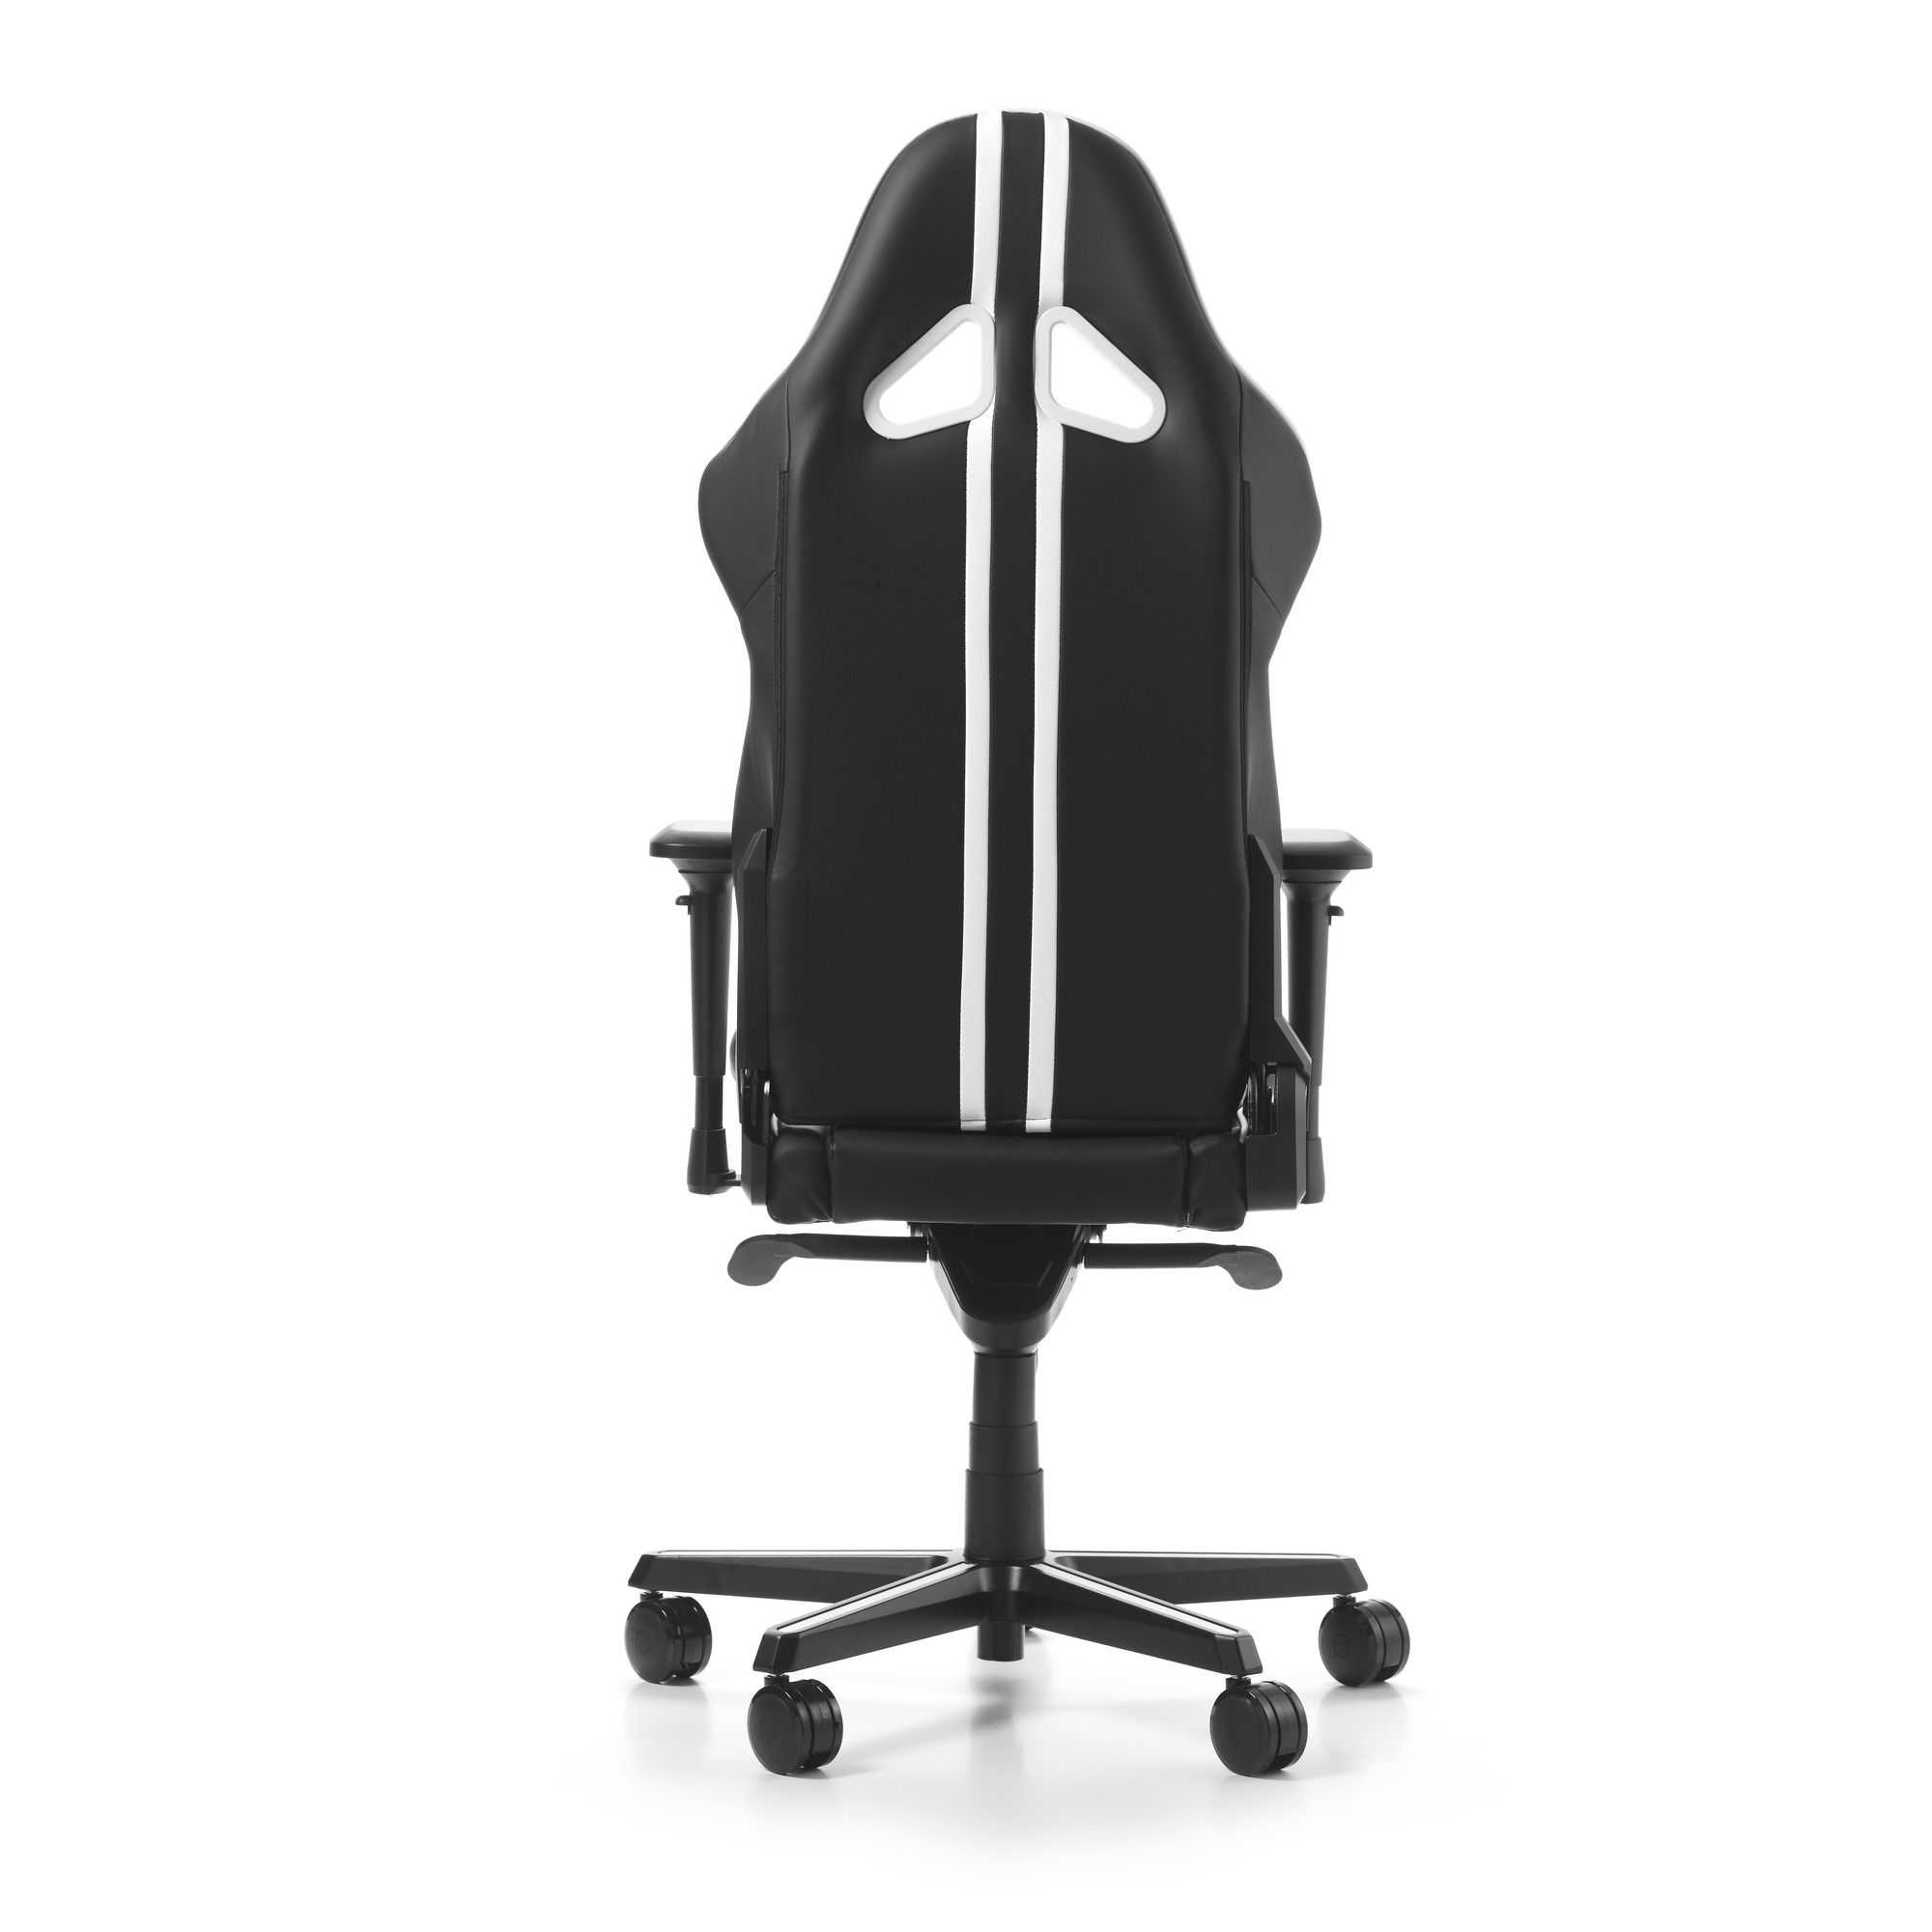 Гейминг стол DXRacer OH/RV131/NW - серия RACING V2, черен/бял - 11